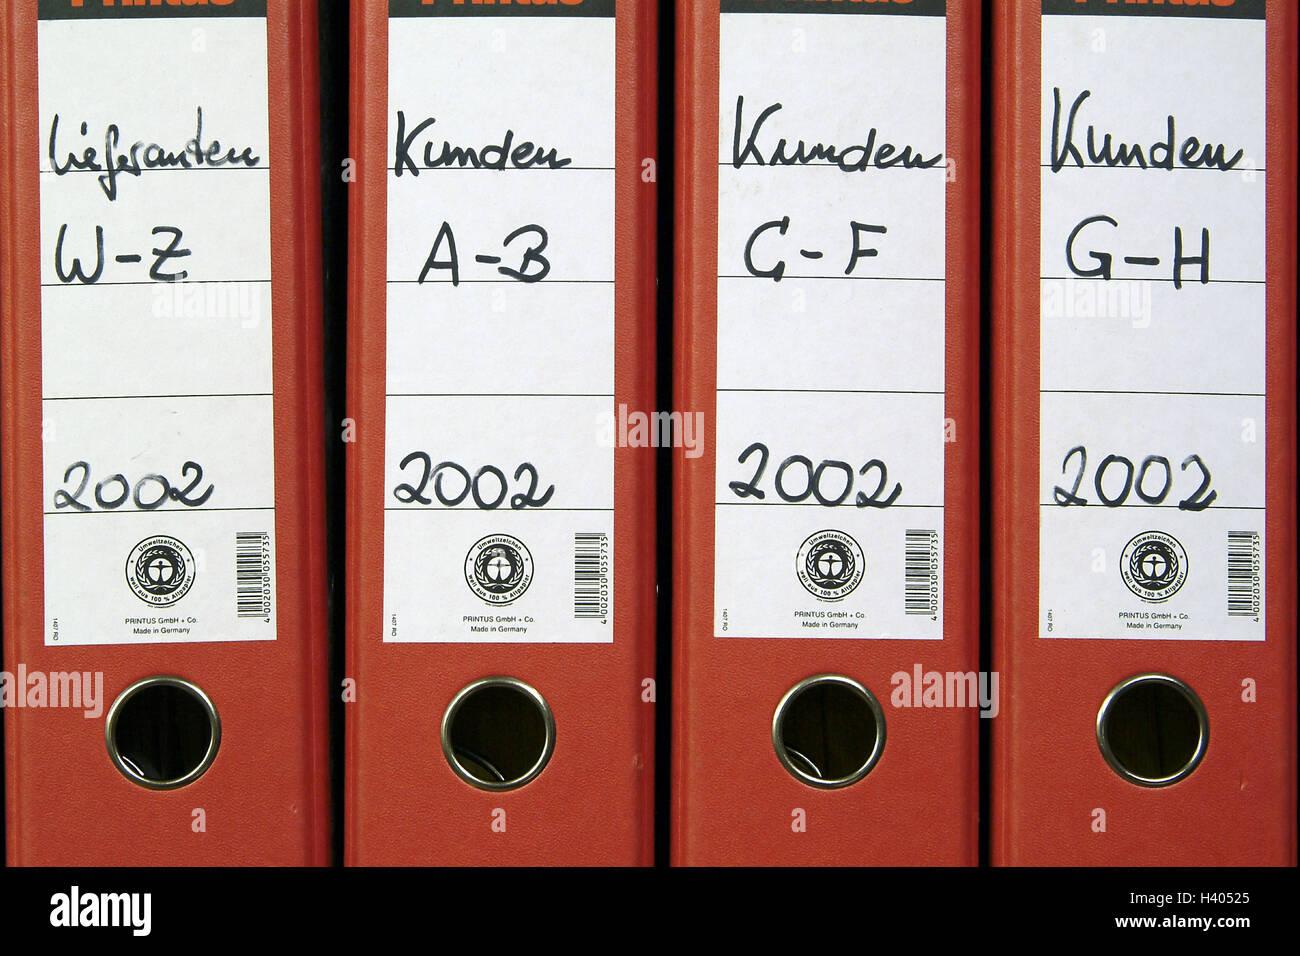 Organizzazione Ufficio : Scaffale ufficio cartella dettaglio iscrizione office scaffale